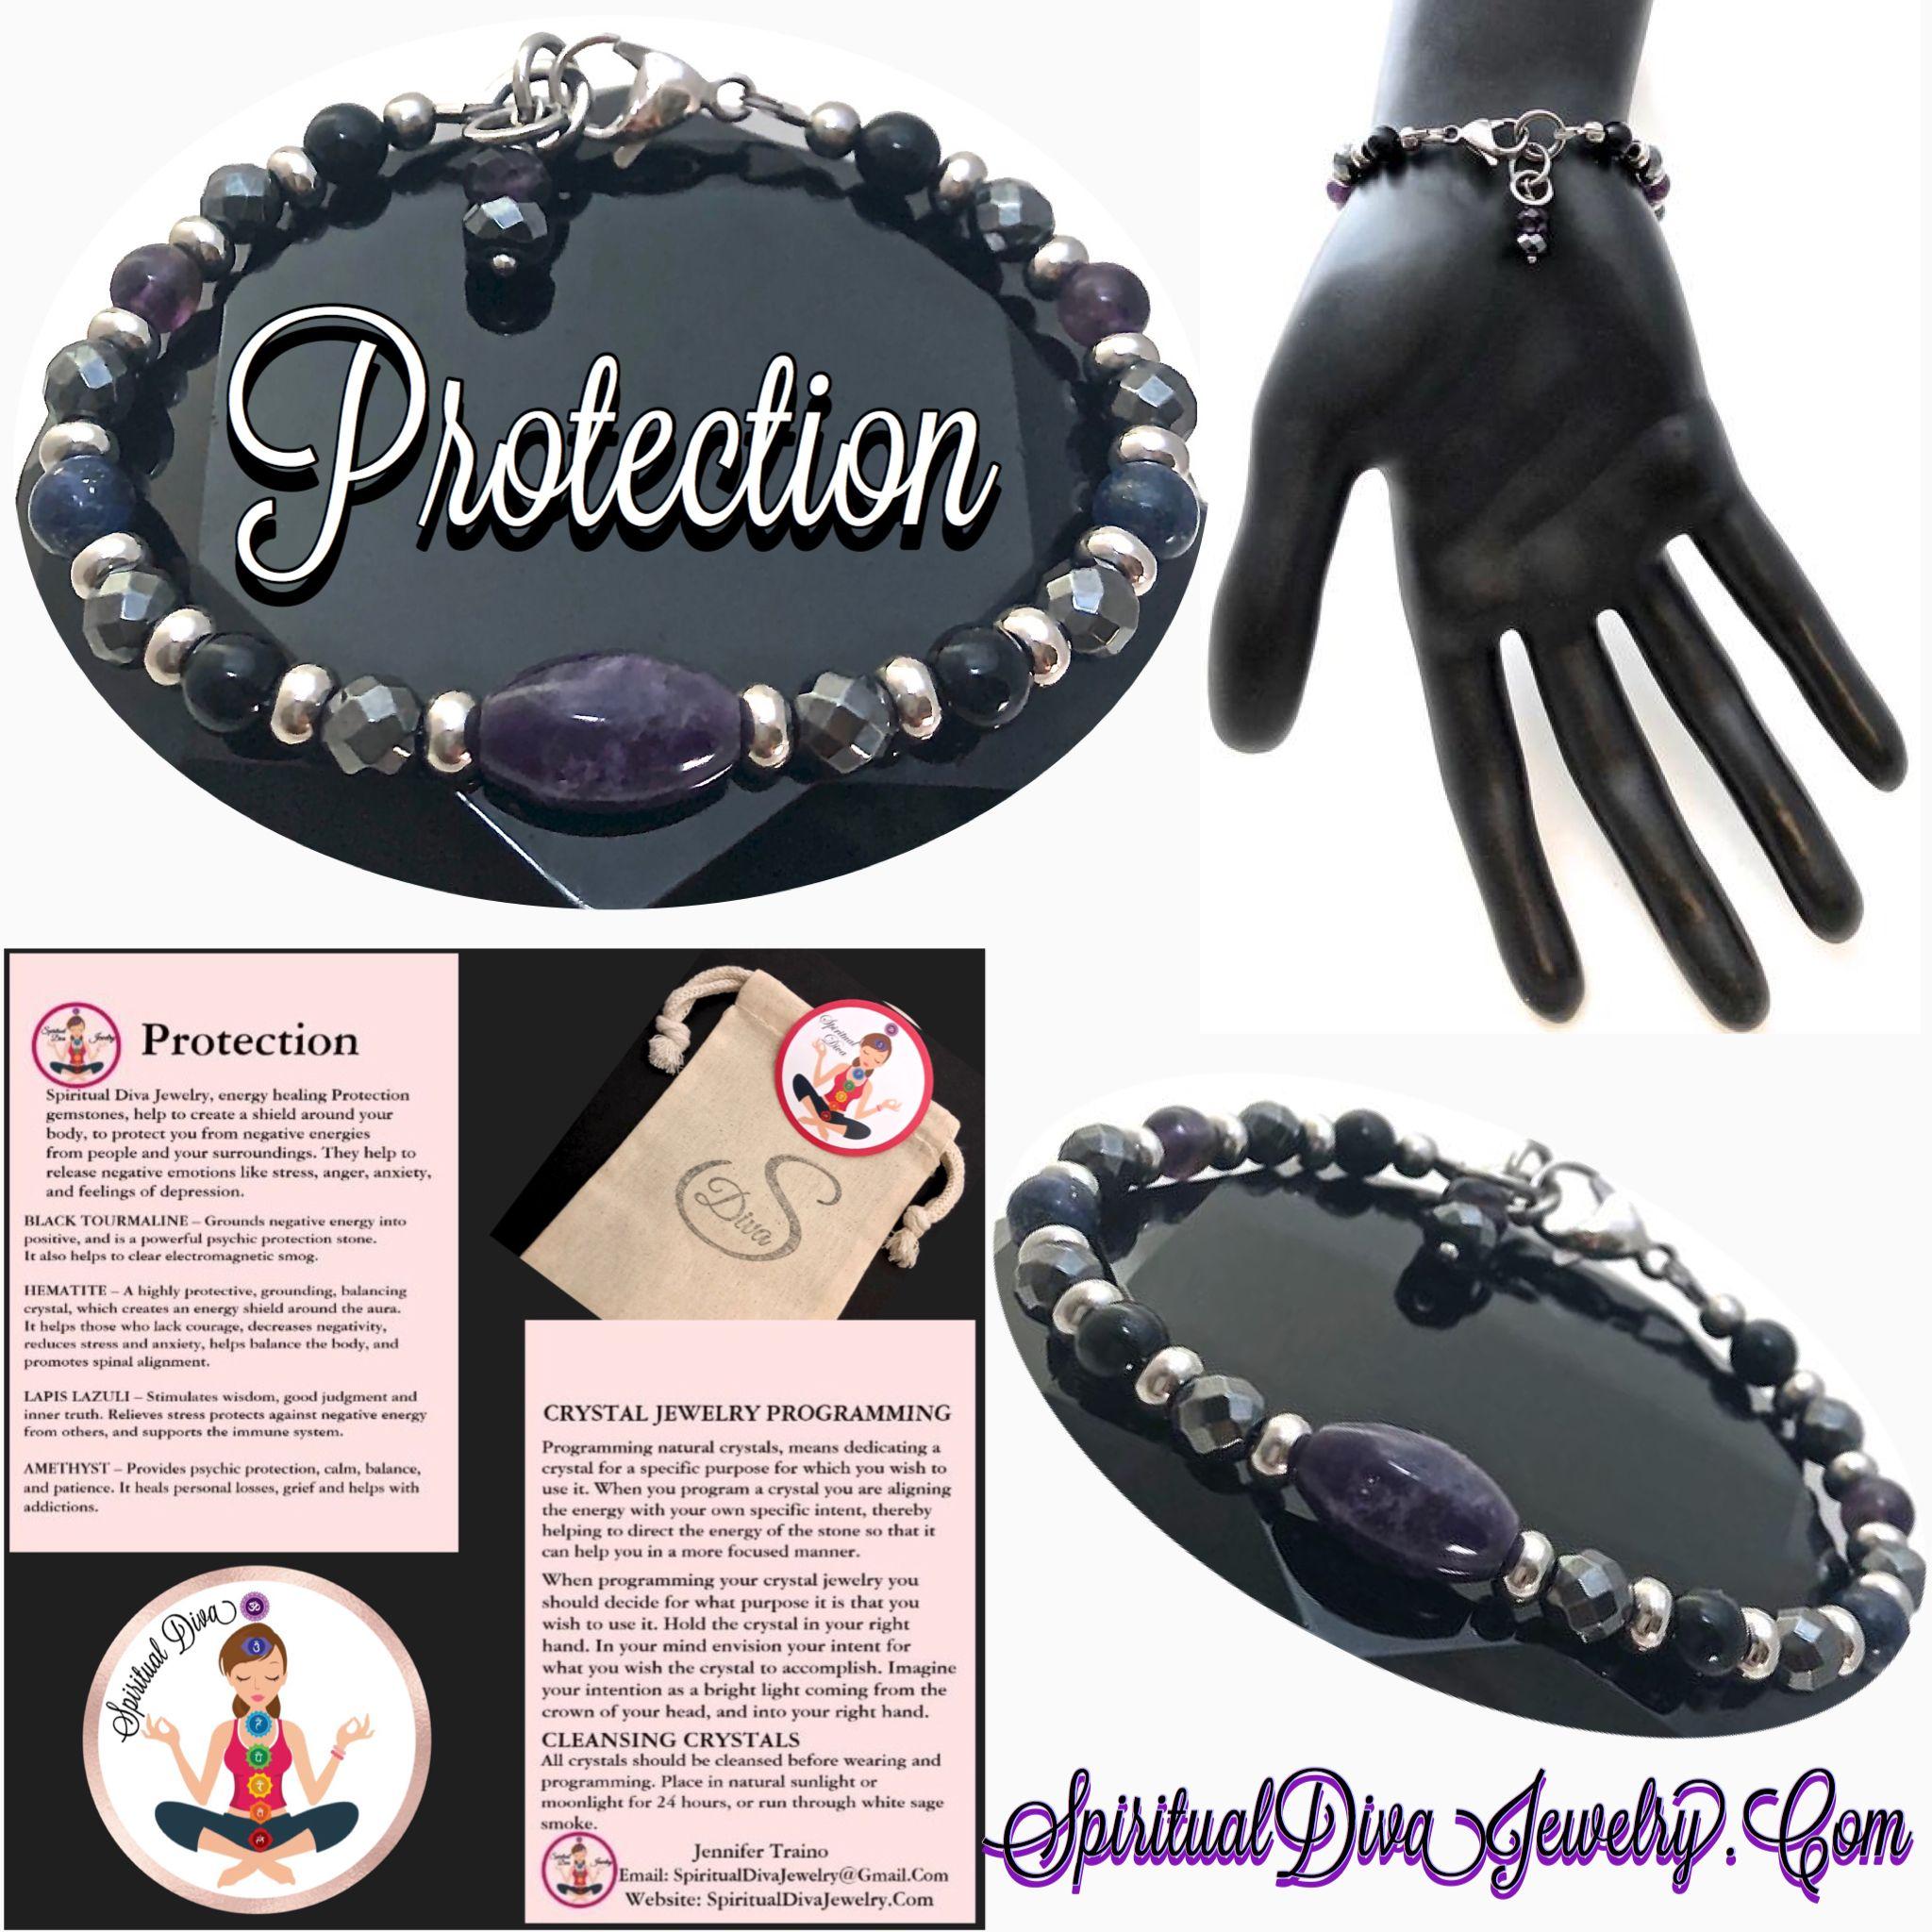 Protection Energy Healing Crystal Reiki Gemstone Charm Bracelet Energy Healing Crystals Healing Gemstone Bracelets Gemstone Healing